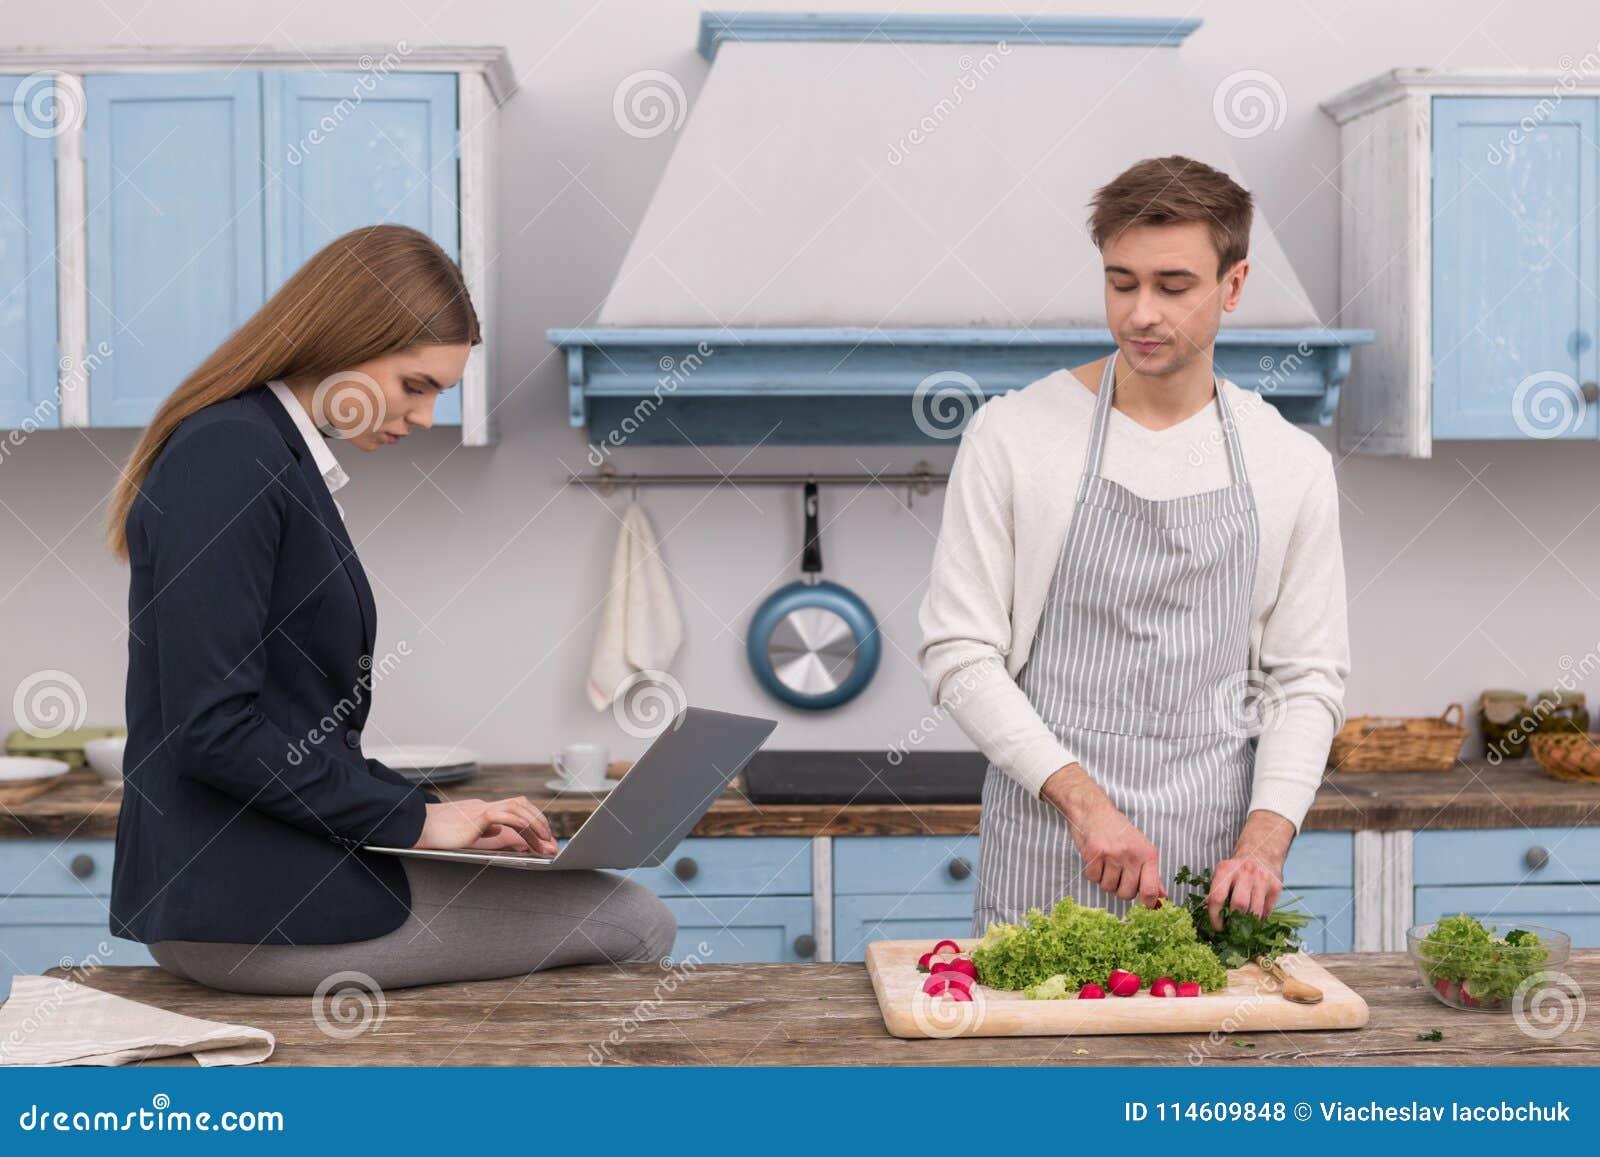 Pranzo Per Marito : Dieta insalata mista a pranzo e cena per dimagrire